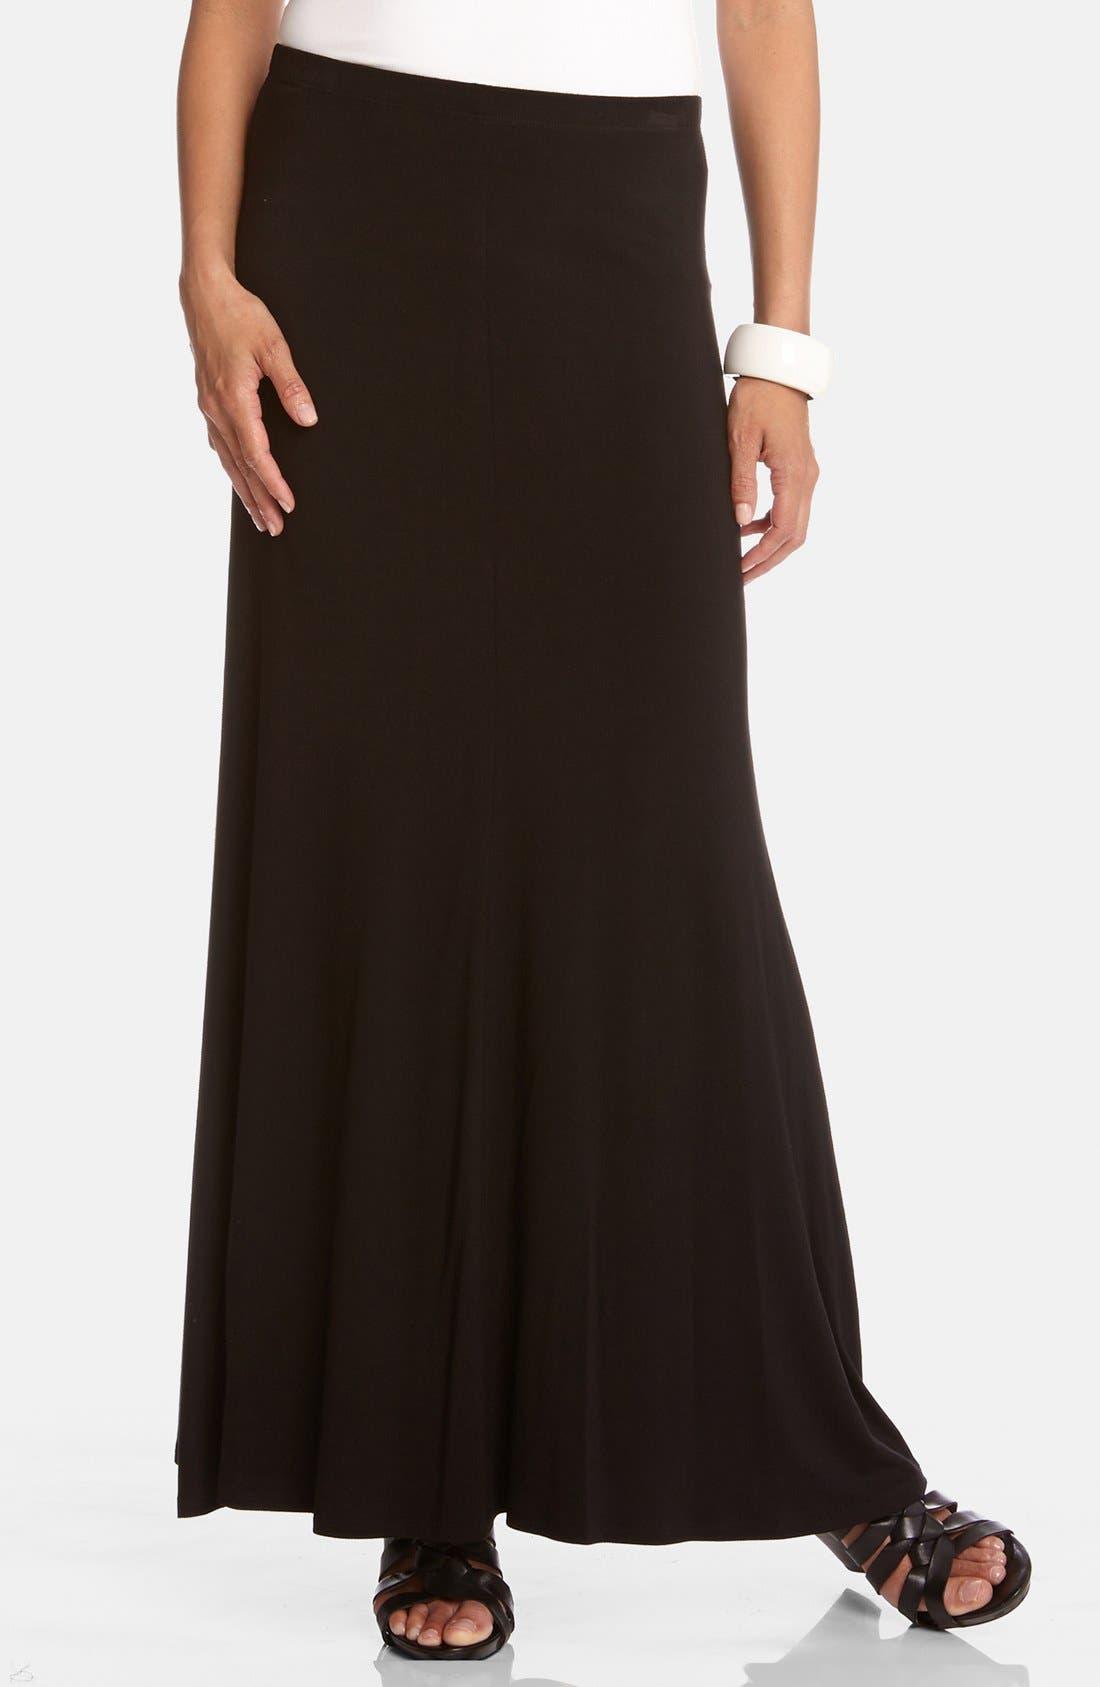 KAREN KANE Flared Maxi Skirt, Main, color, BLACK